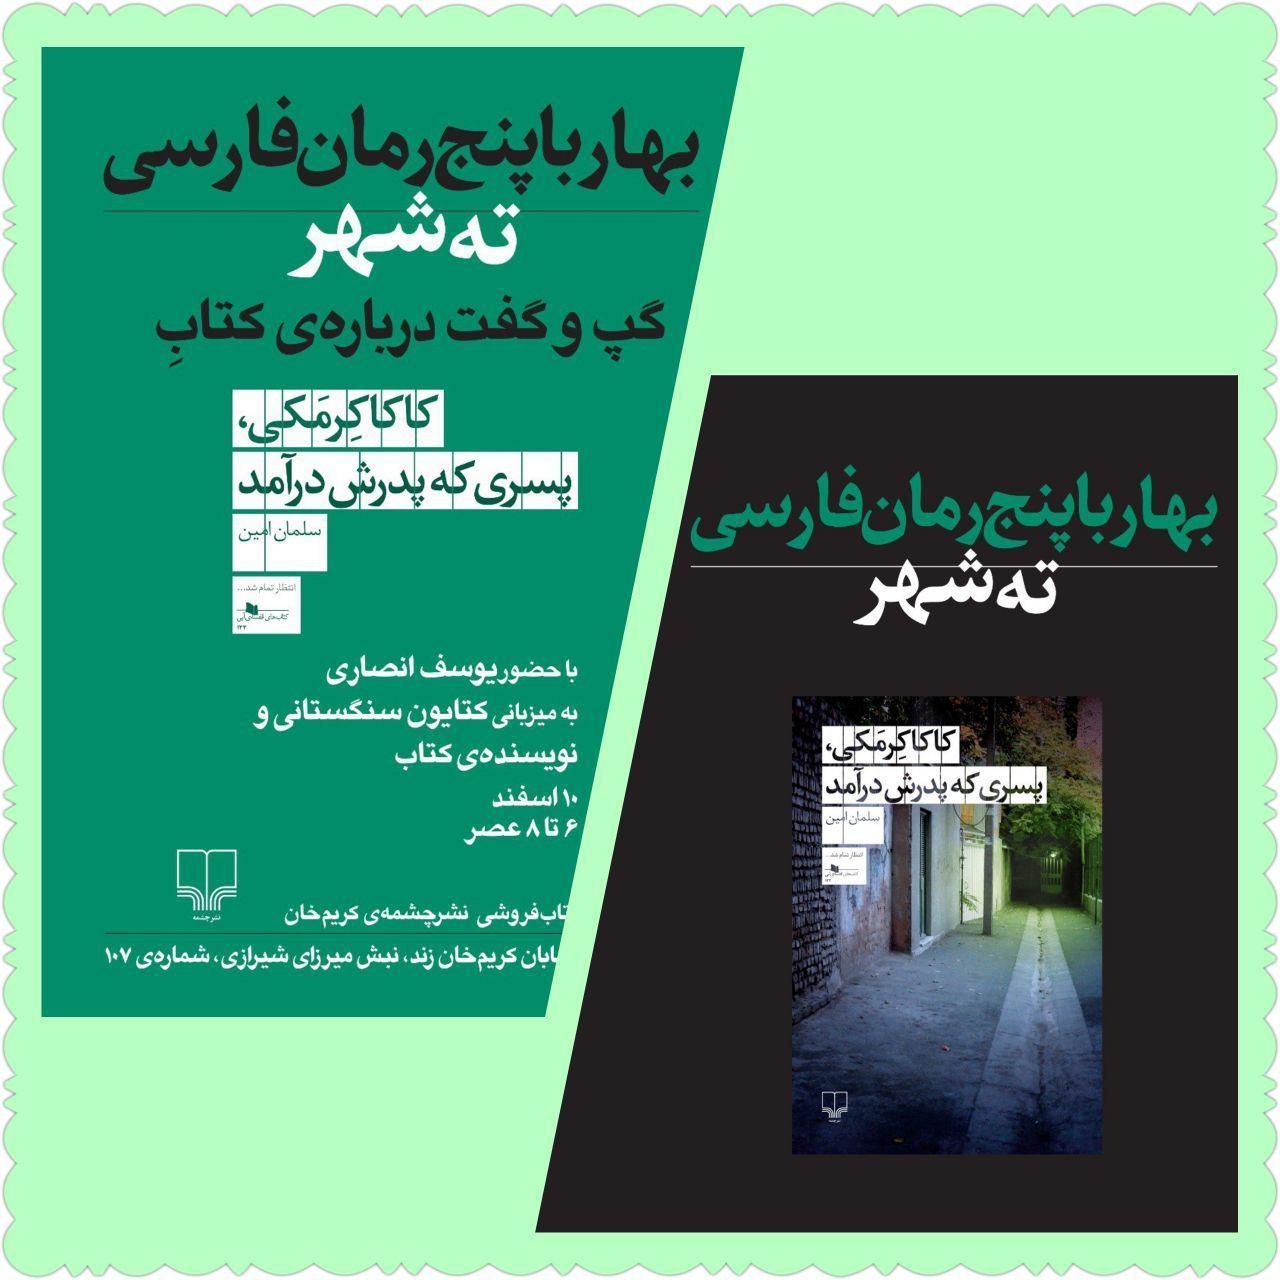 گپوگفت درباره تازهترین رمان  سلمان امین